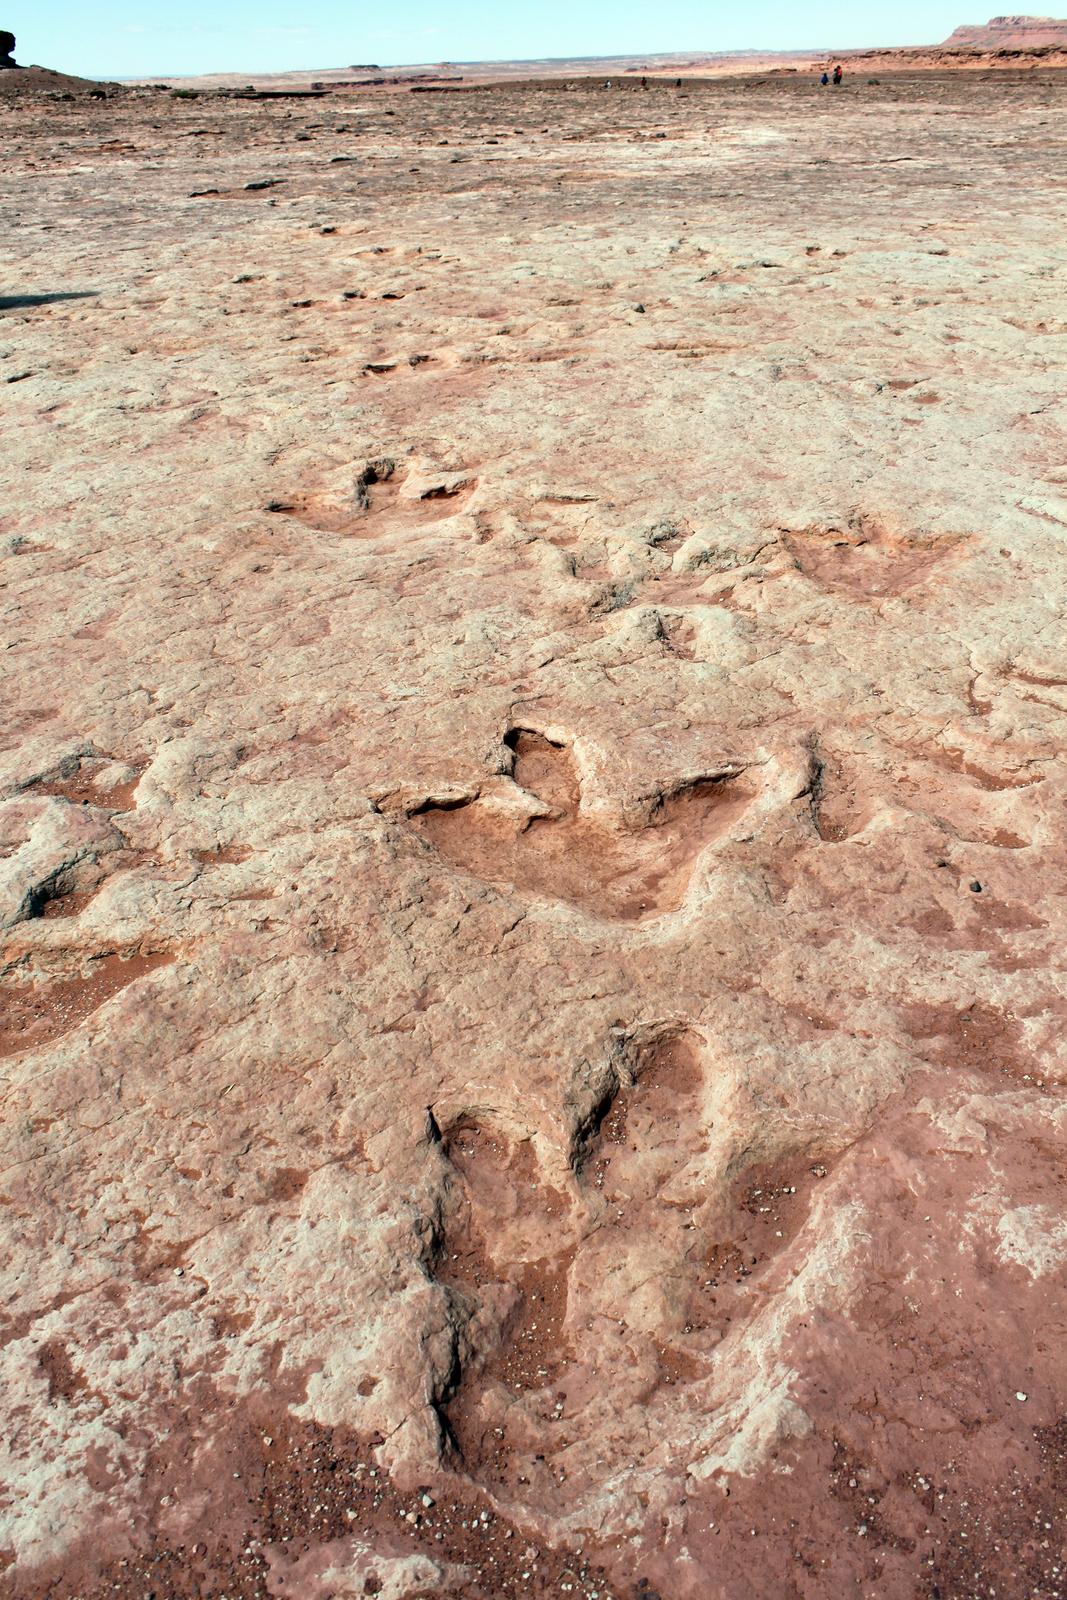 Fotografia prezdstawia powierzchnię skały wkrajobrazie, wktórej widnieje wiele odcisków trójpalczastych stóp wymarłych gadów.